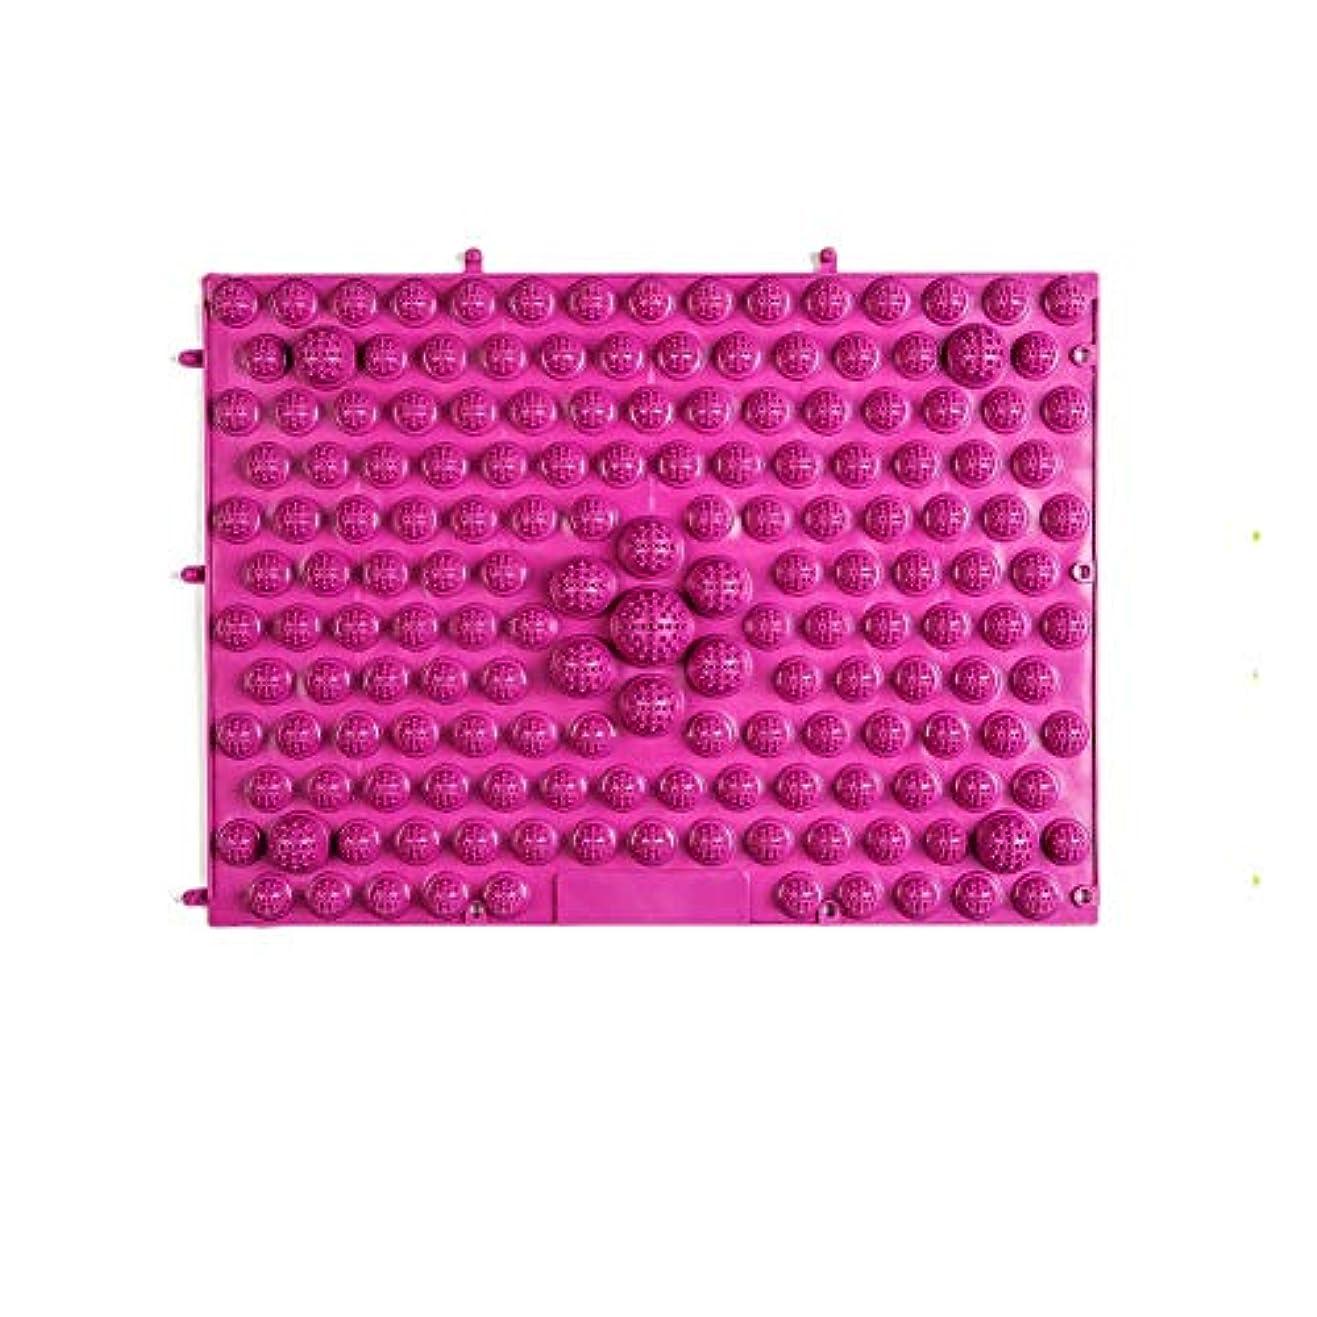 リー塗抹住むウォークマット 裏板セット(ABS樹脂製補強板付き) (レッド)